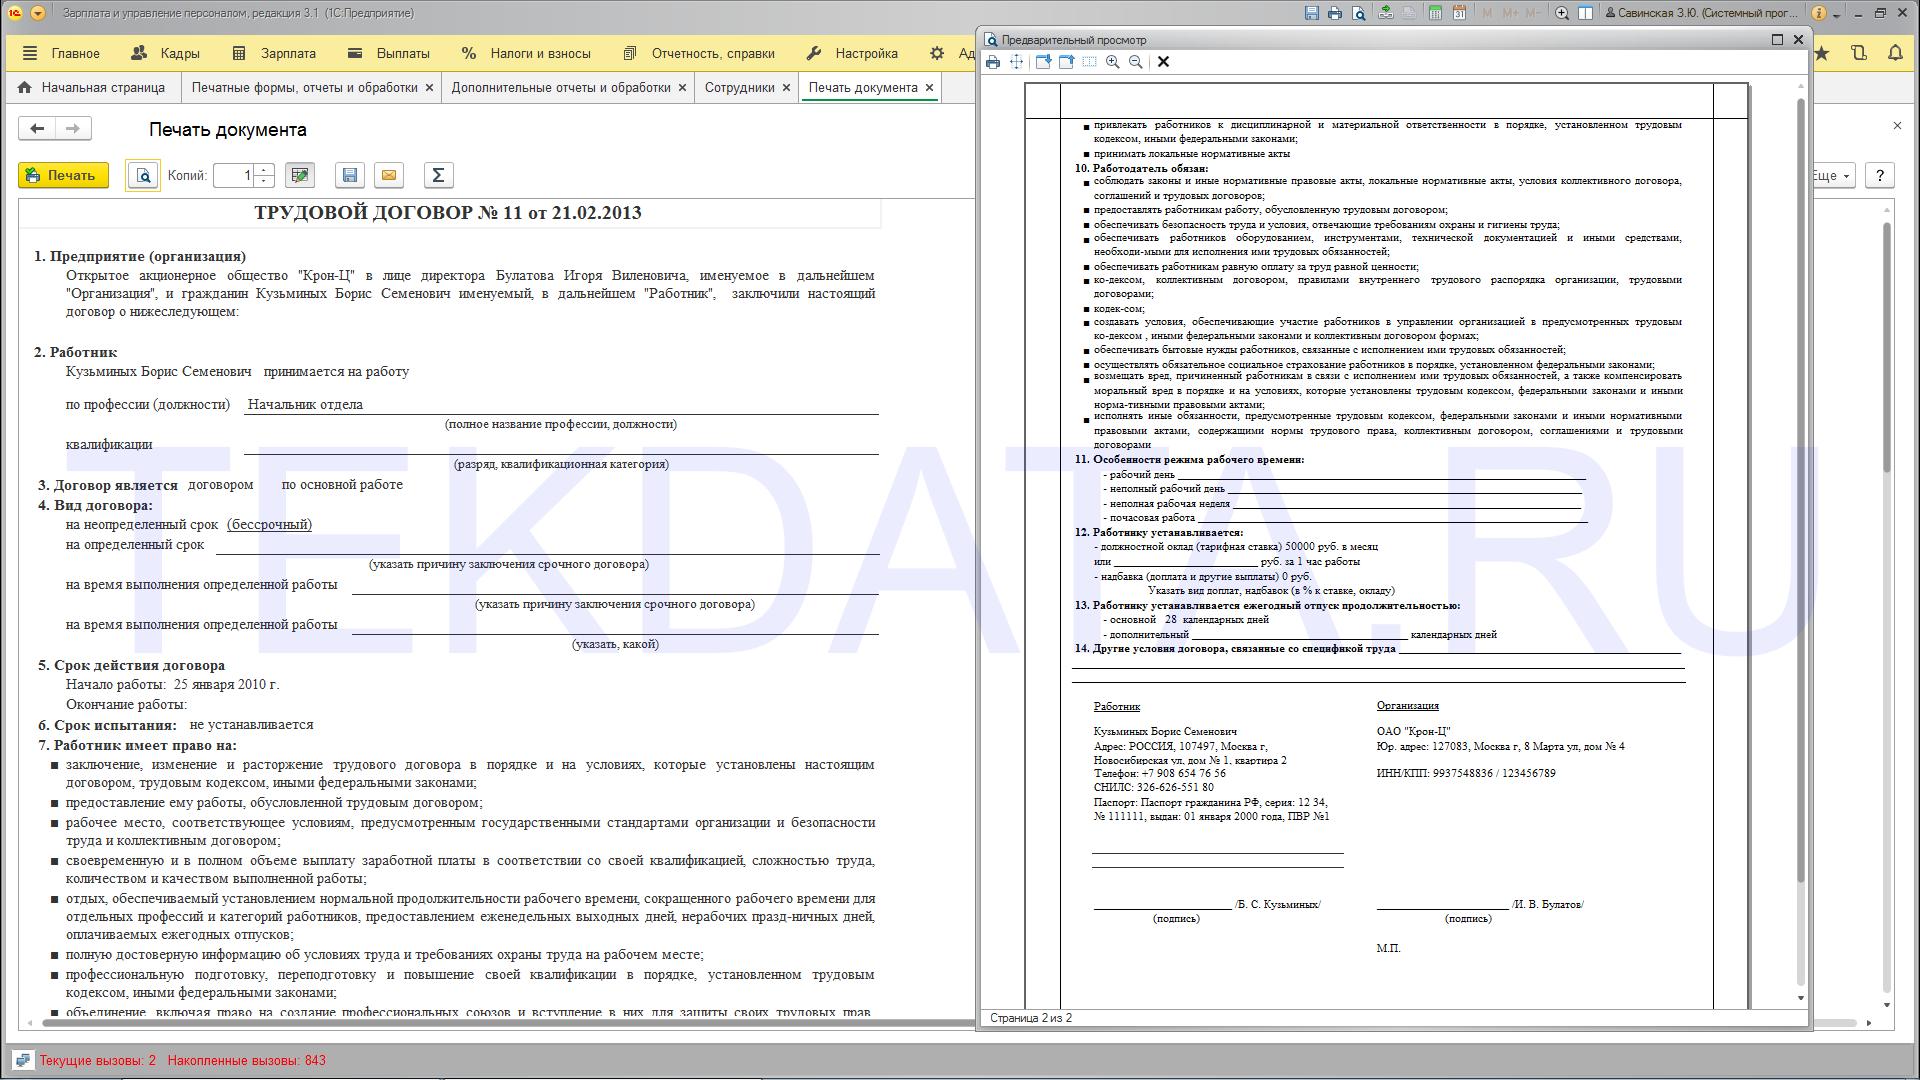 Трудовой договор для ЗУП 3.1 (Внешняя печатная форма)